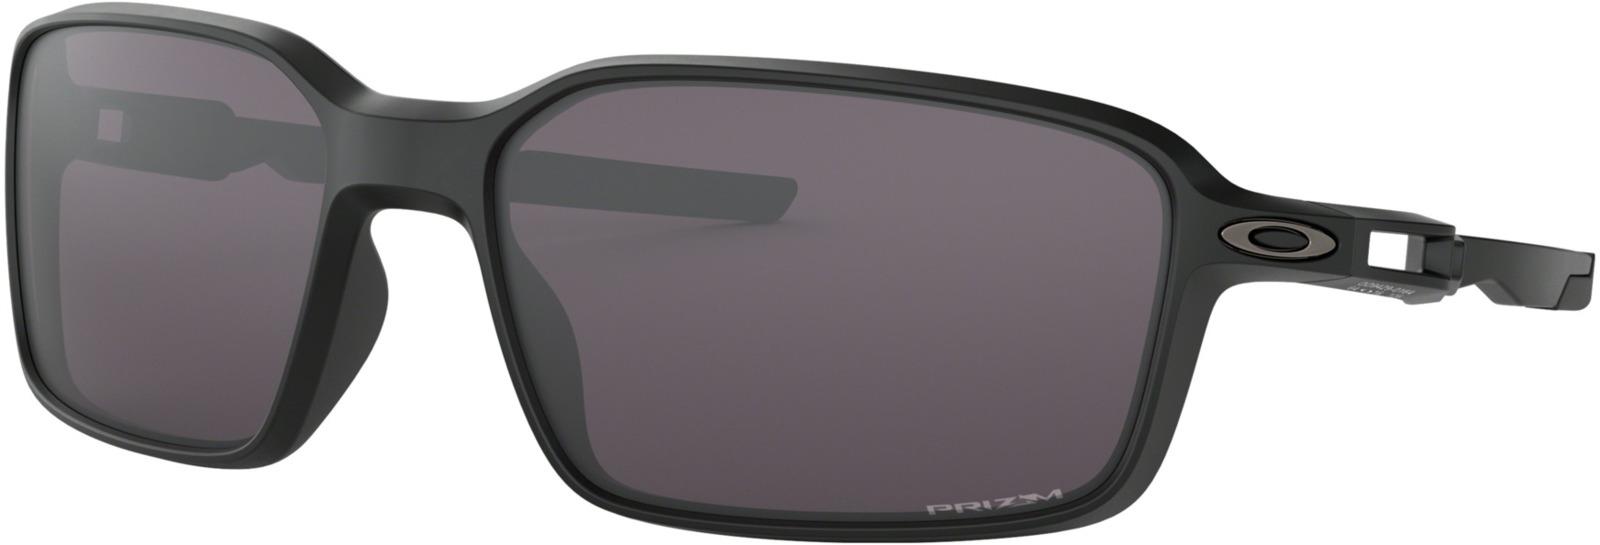 Велосипедные очки Oakley Siphon, цвет: черный, серый